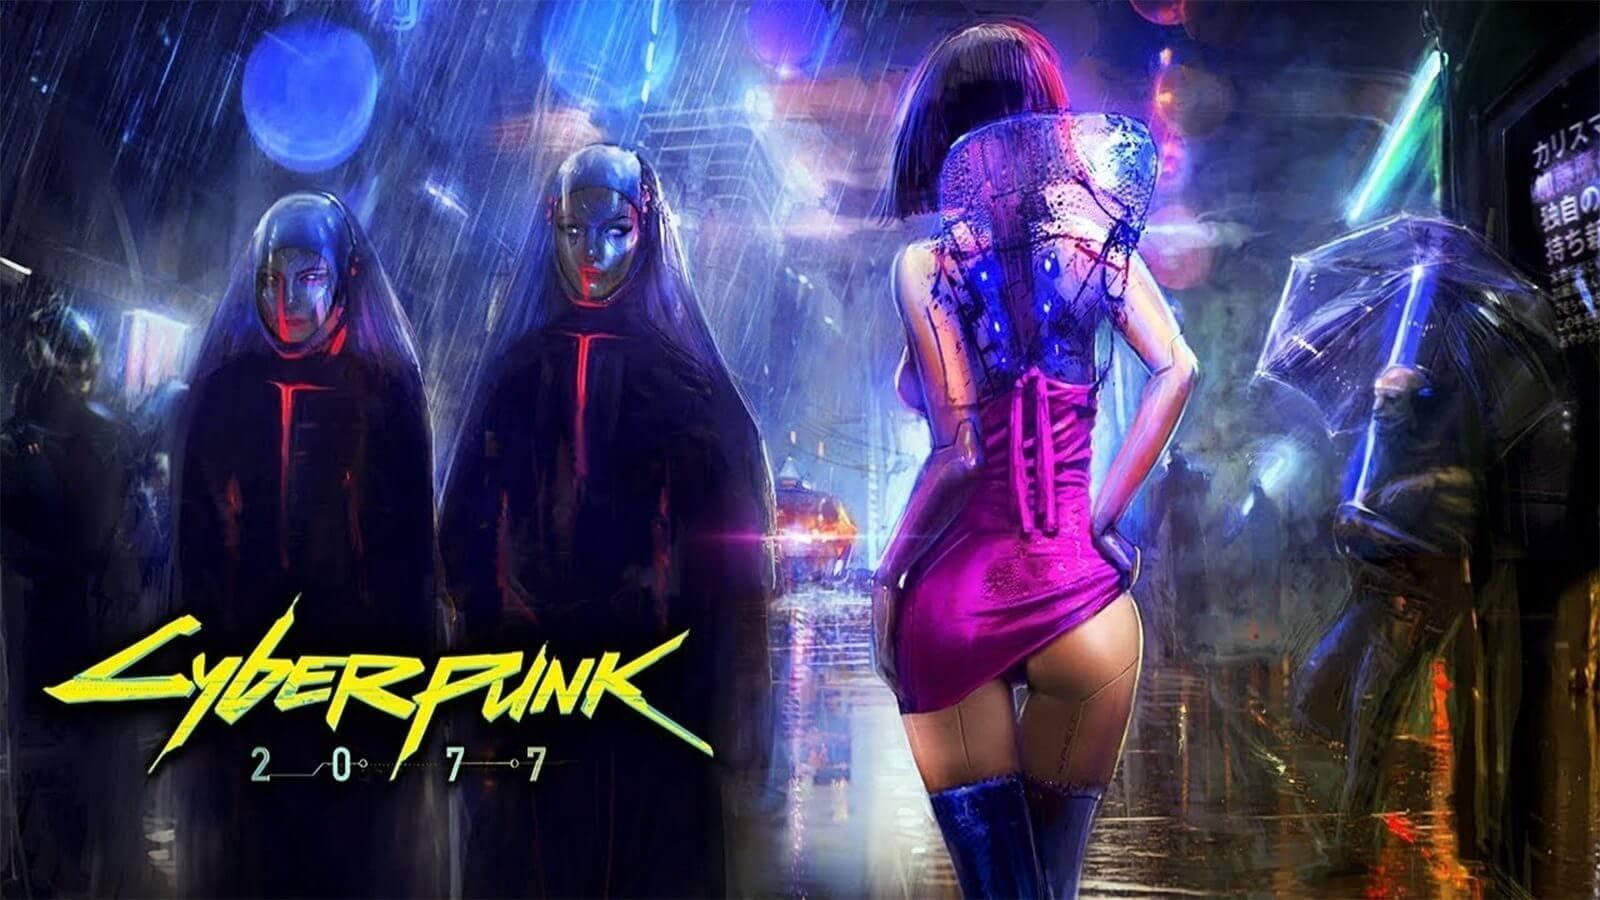 Foto de Cyberpunk 2077: cinco obras para se ambientar no tema